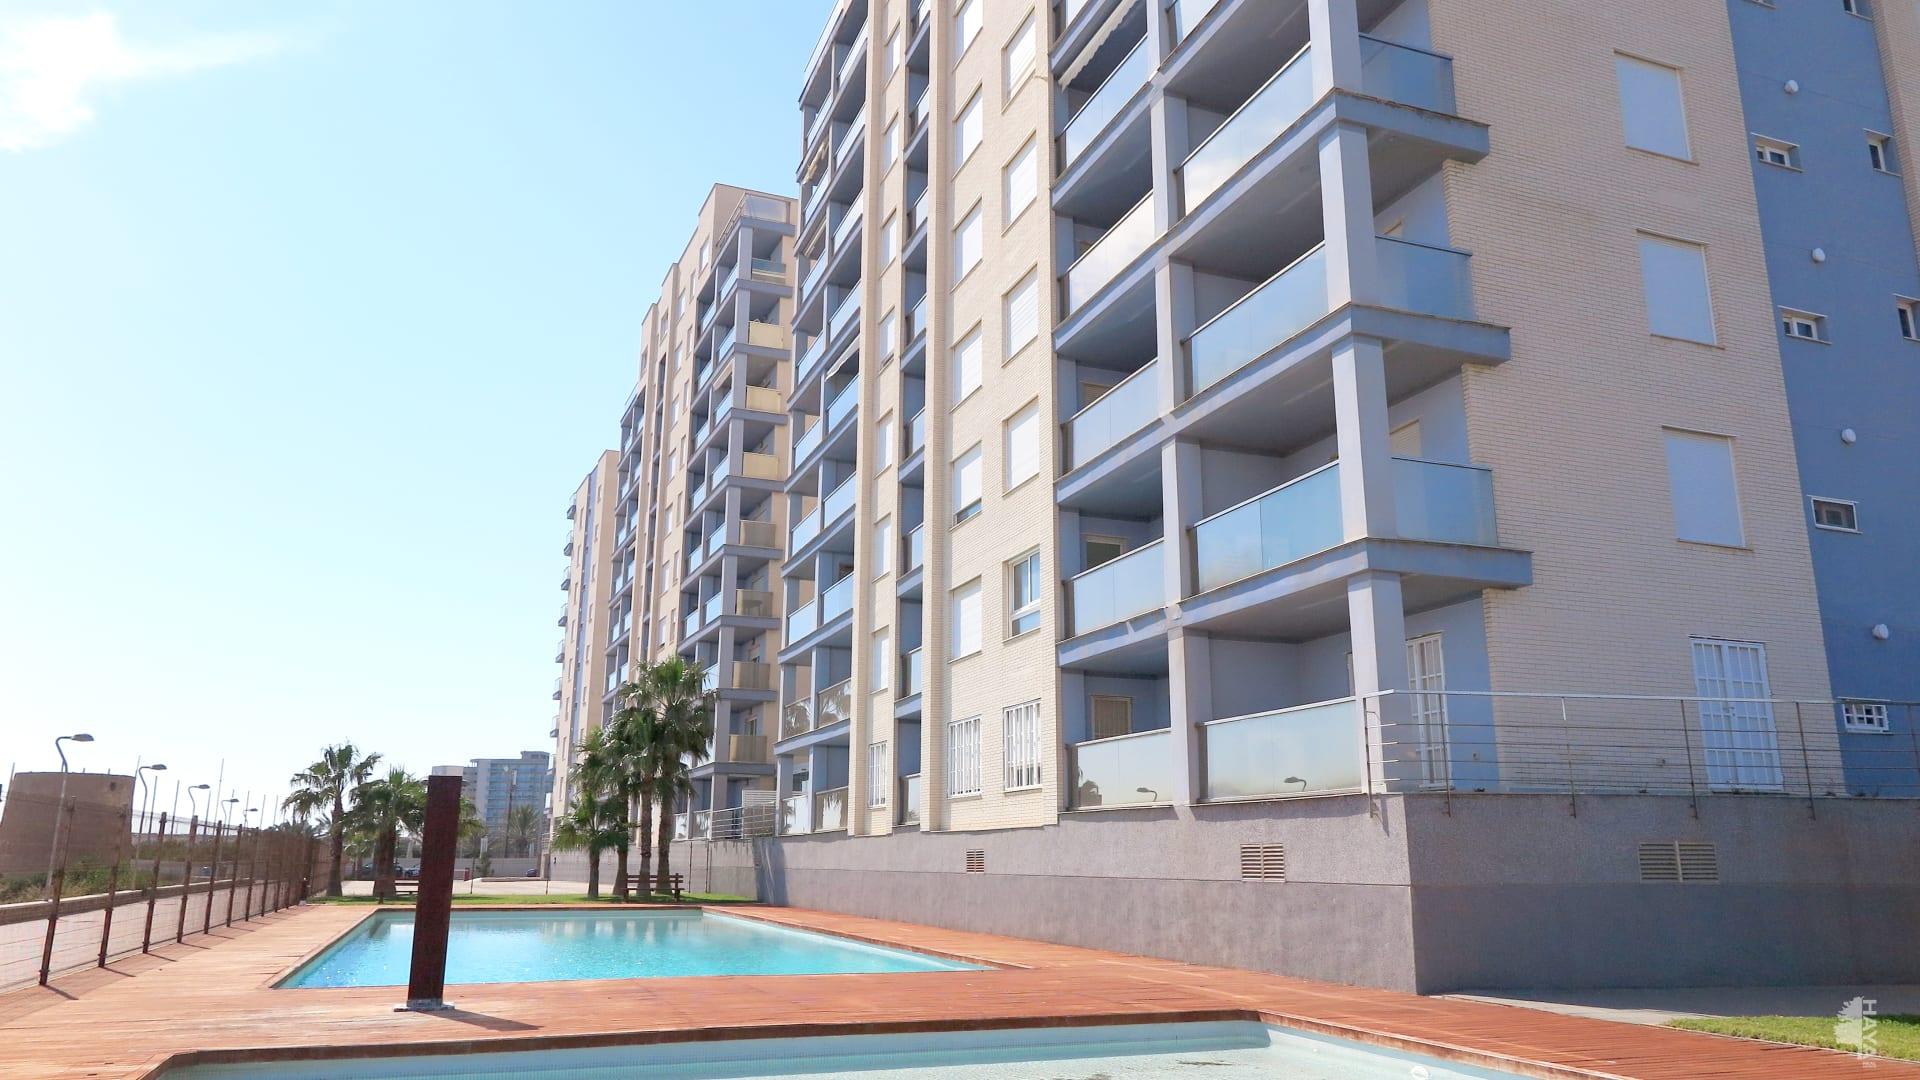 Piso en venta en San Javier, Murcia, Calle Prolongación Pol F. Conj Resid. Veneziola Golf Ii, 116.000 €, 2 habitaciones, 2 baños, 60 m2